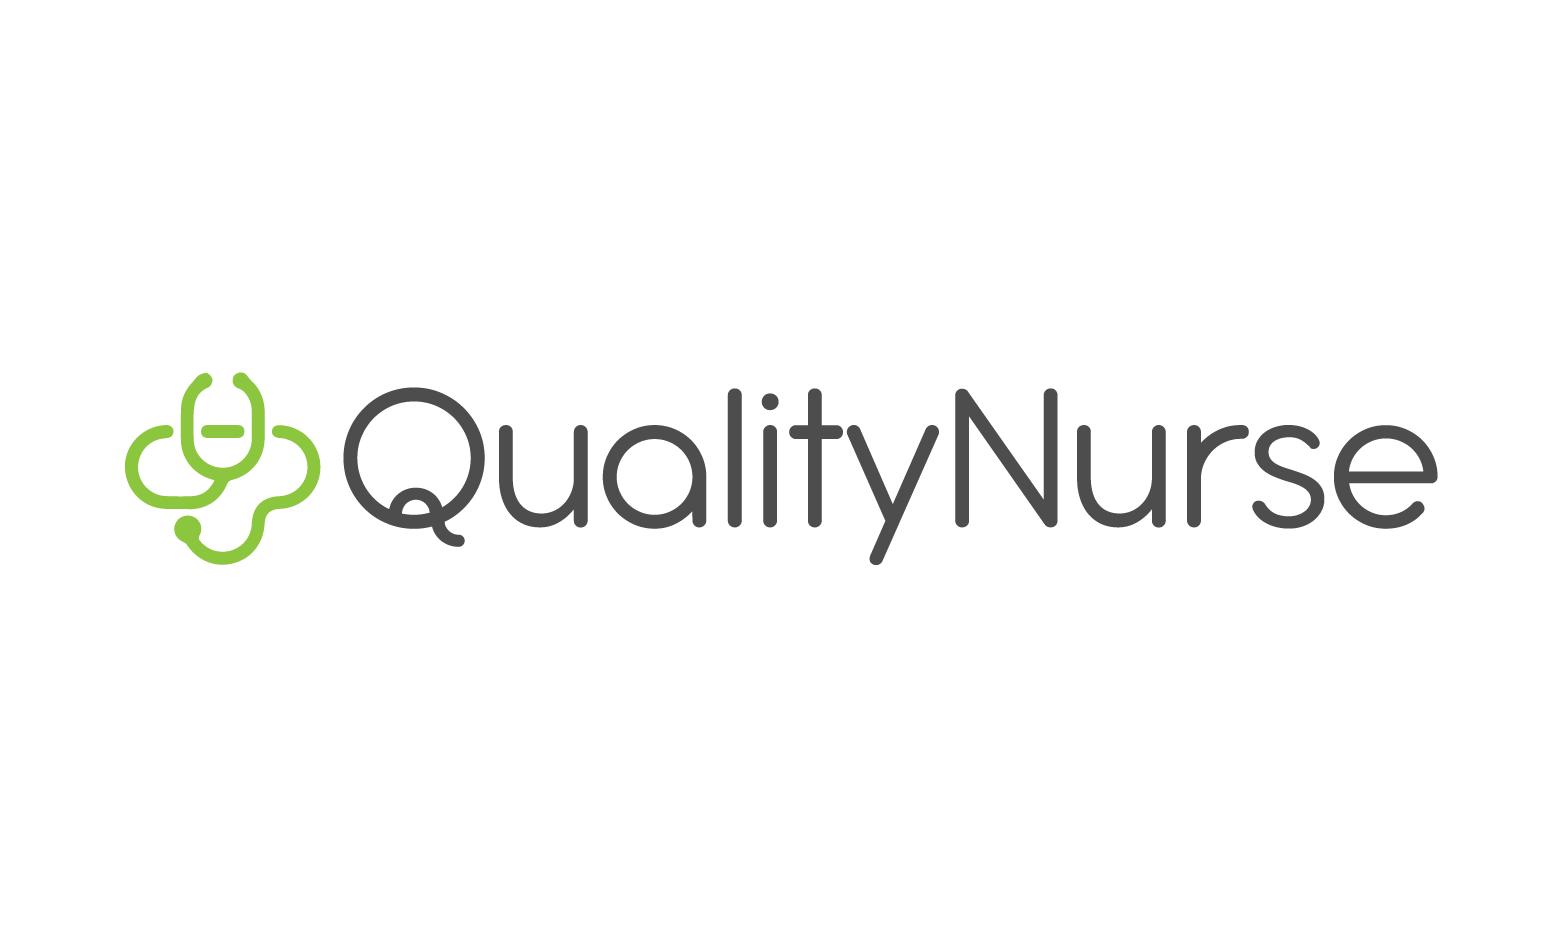 QualityNurse.com